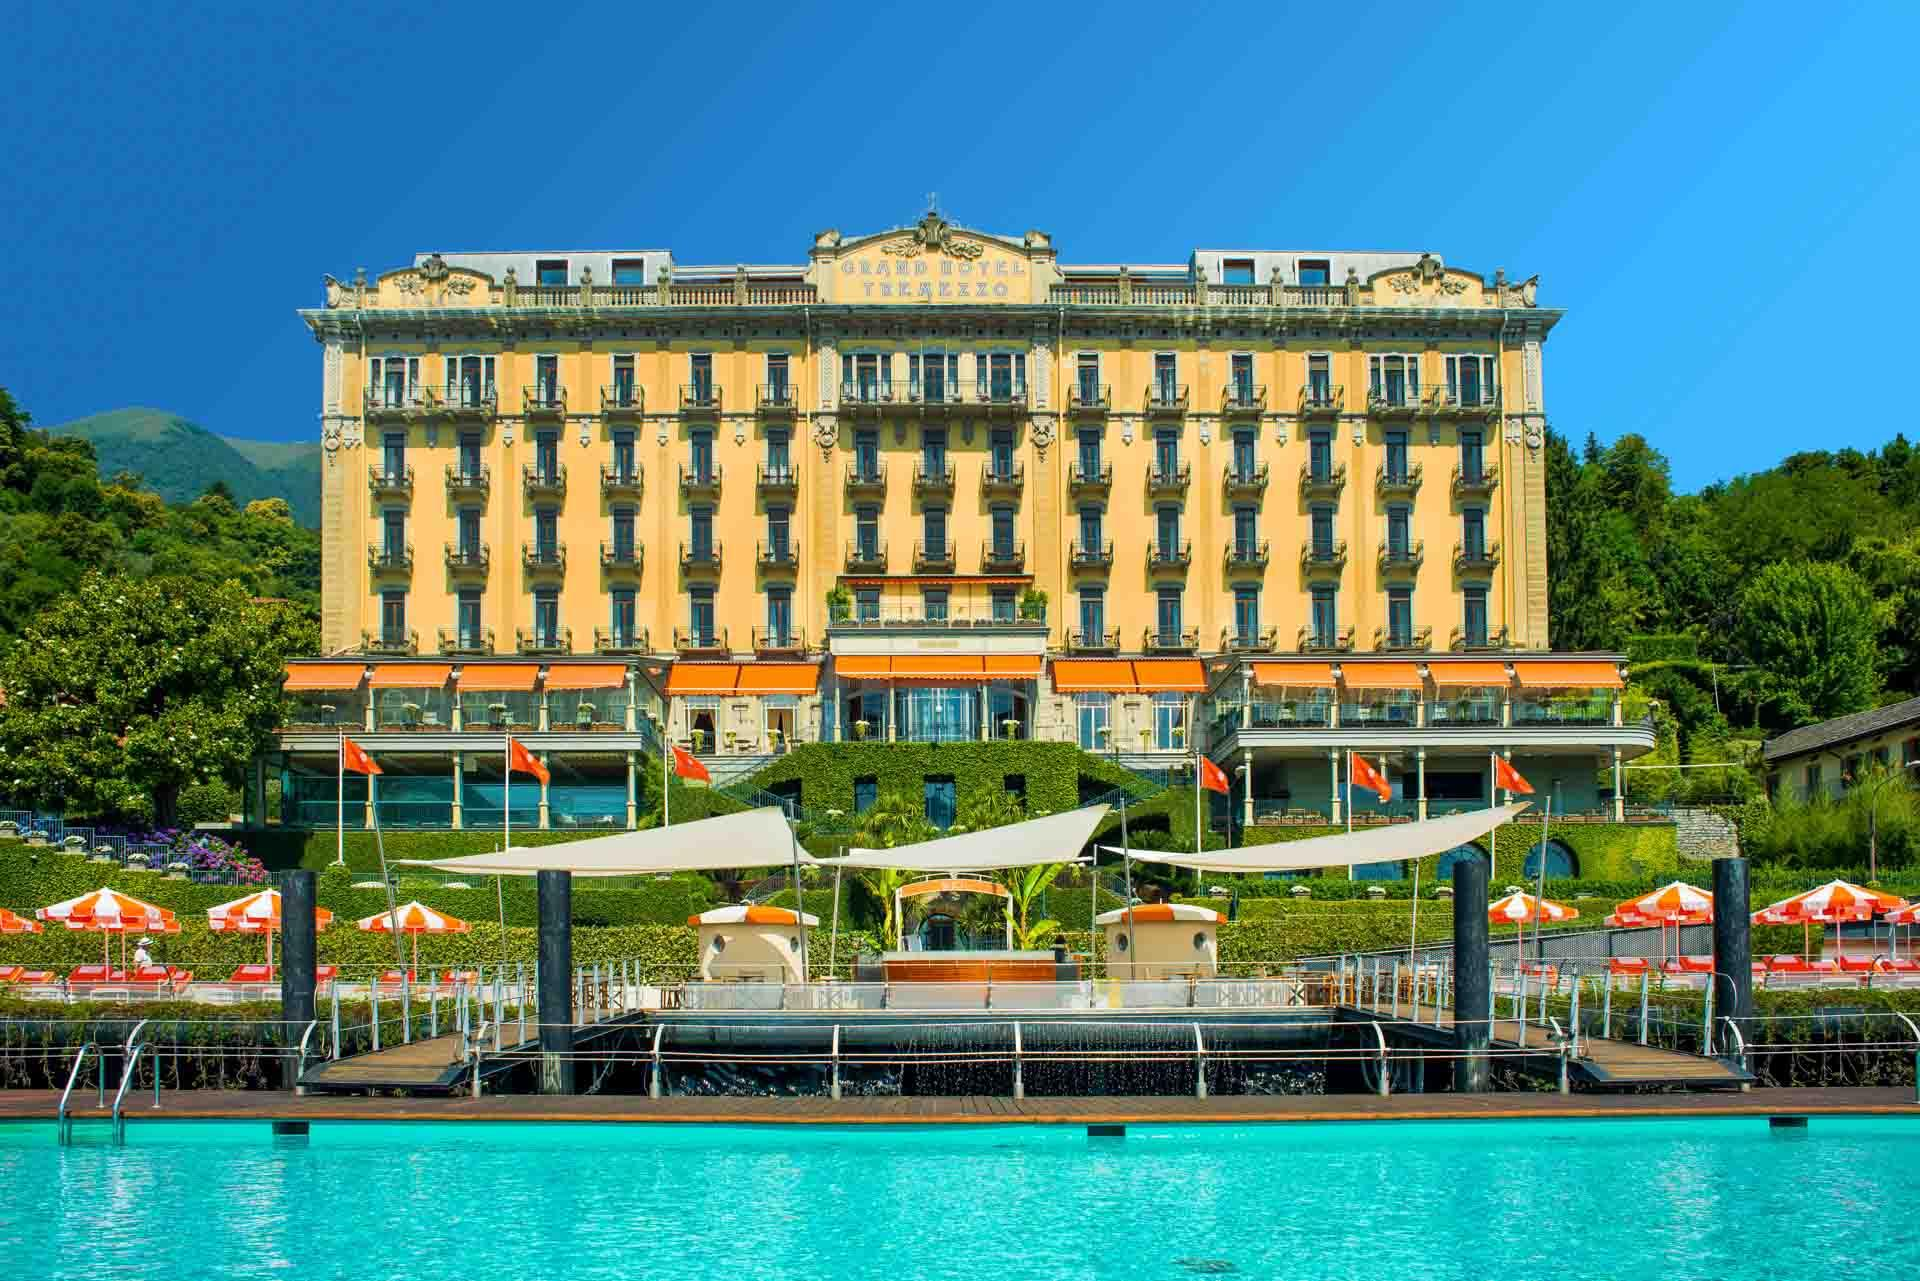 Arrivée au Grand Hotel Tremezzo par le lac © DR